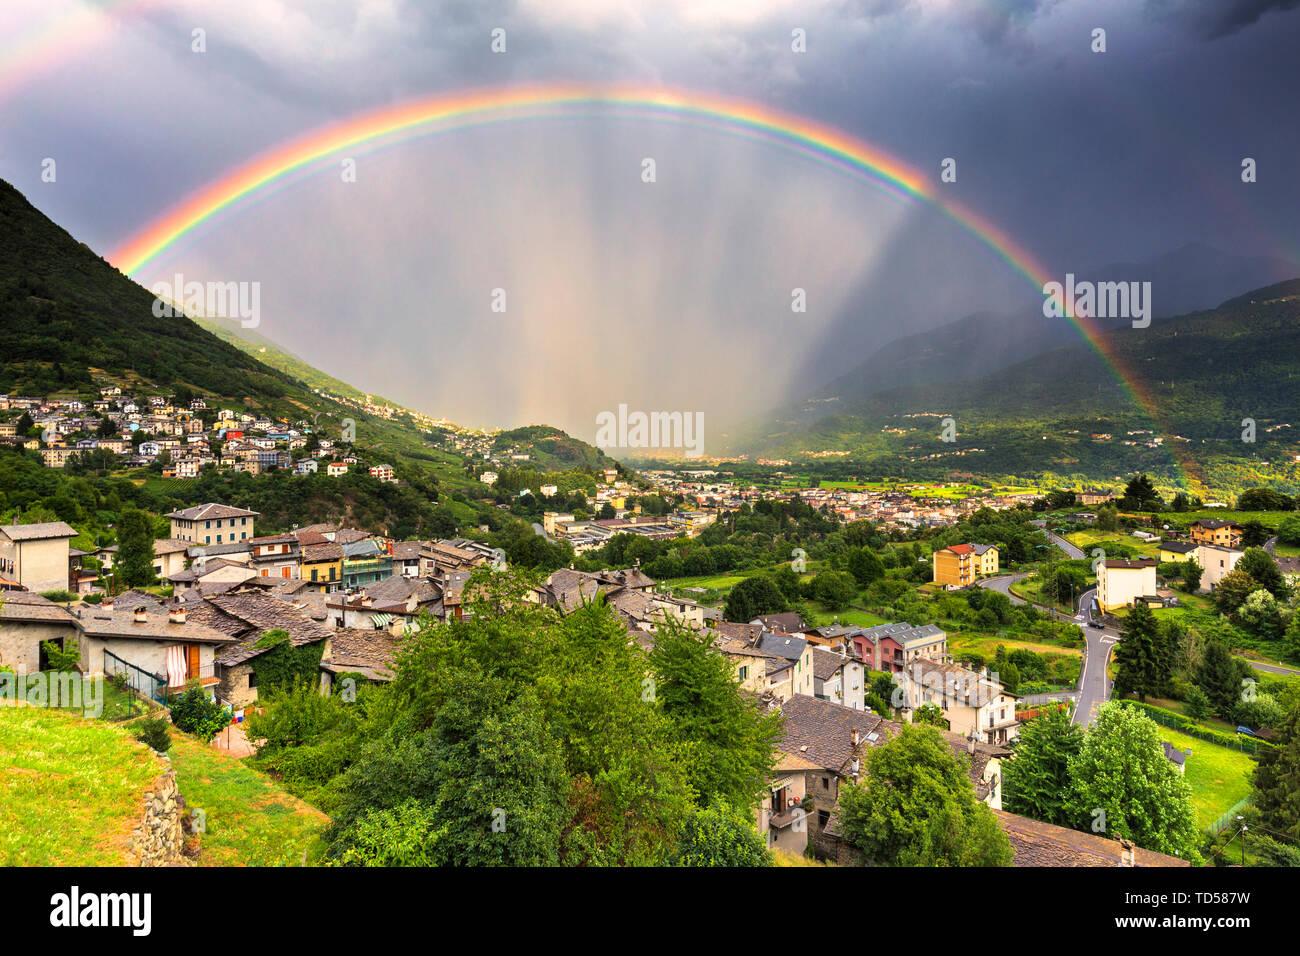 Regenbogen über dem Tal, Valtellina, Lombardei, Italien, Europa Stockfoto